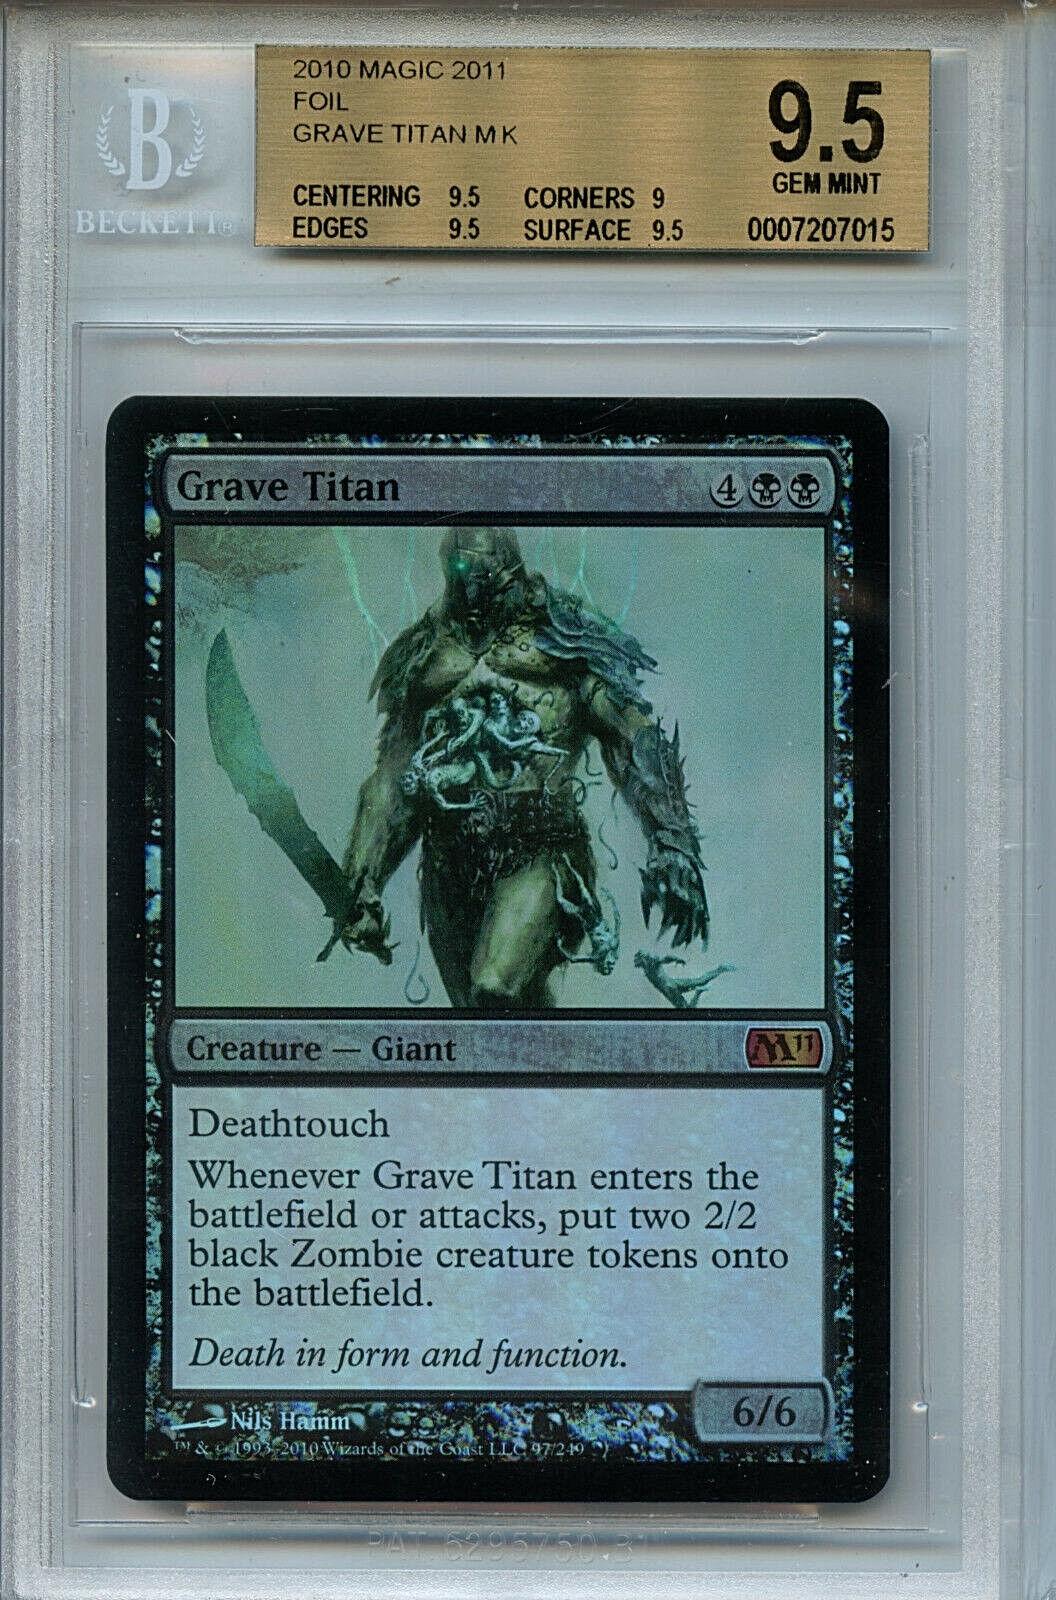 MTG Grave Titan BGS 9.5 Gem Mt MTG 2011 Foil Magic Card Amricons 7015